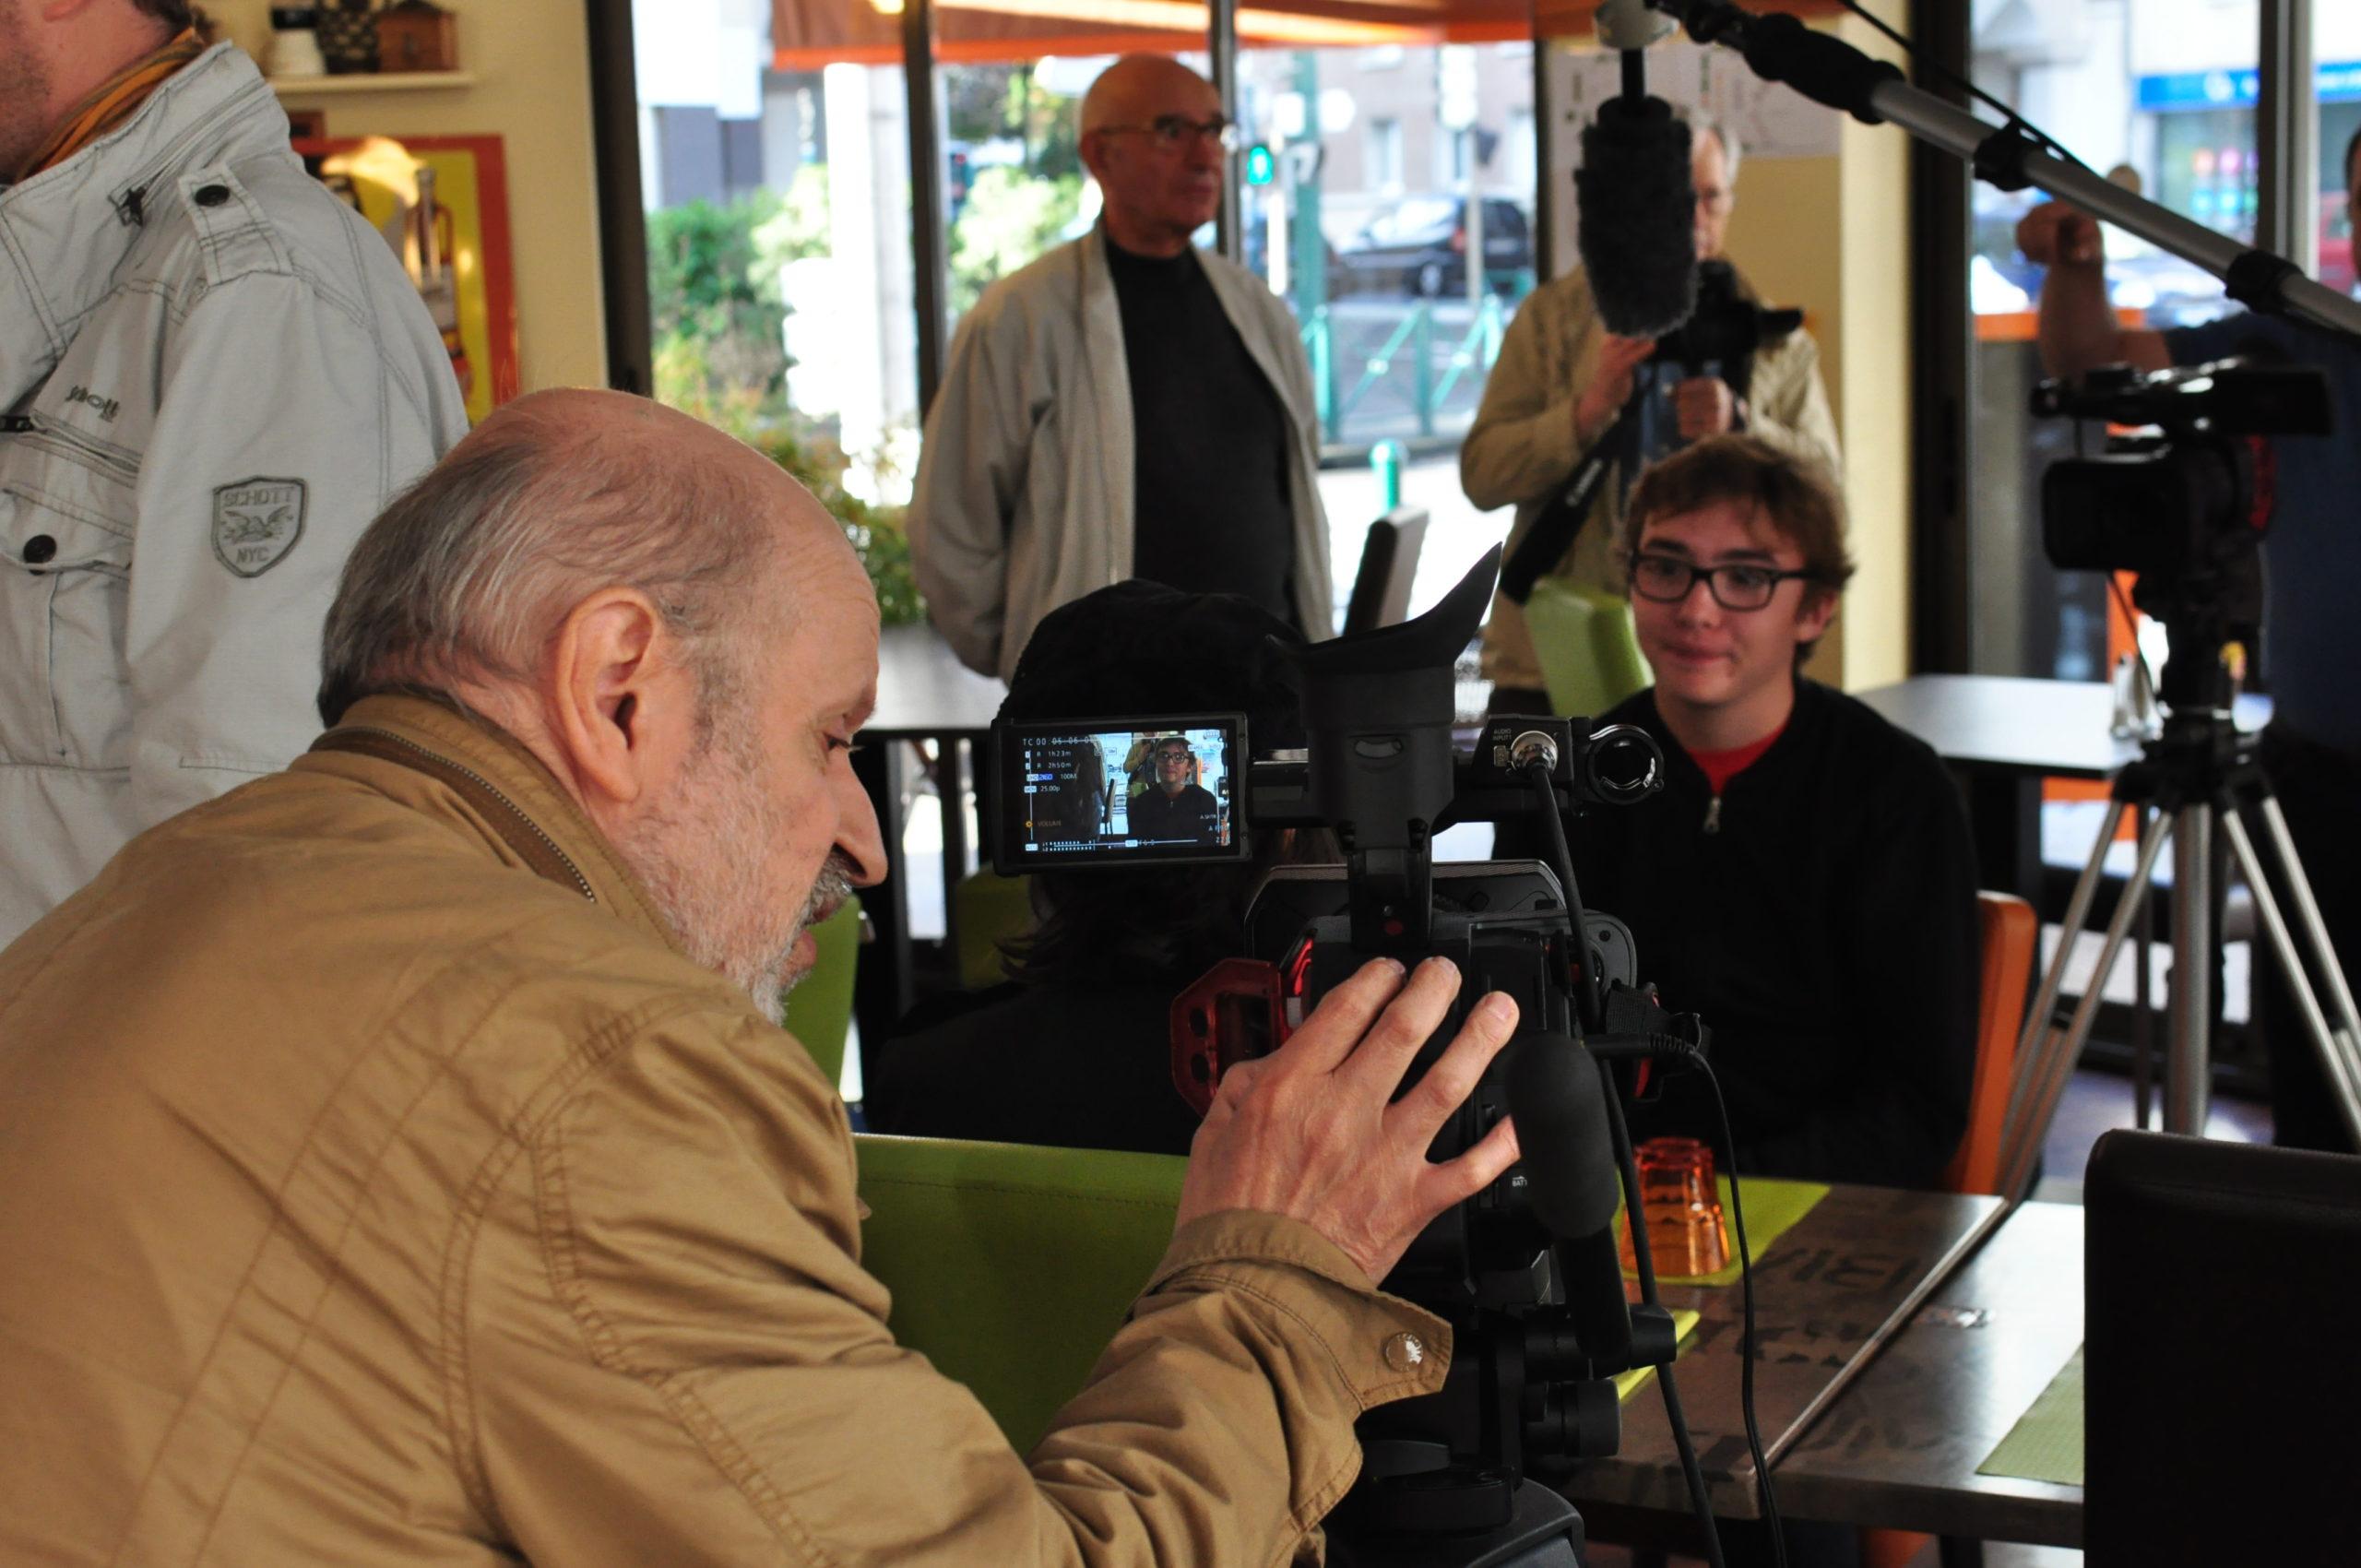 Tontons cadreurs 48hfp 2016 Portrait de famille tournage 14